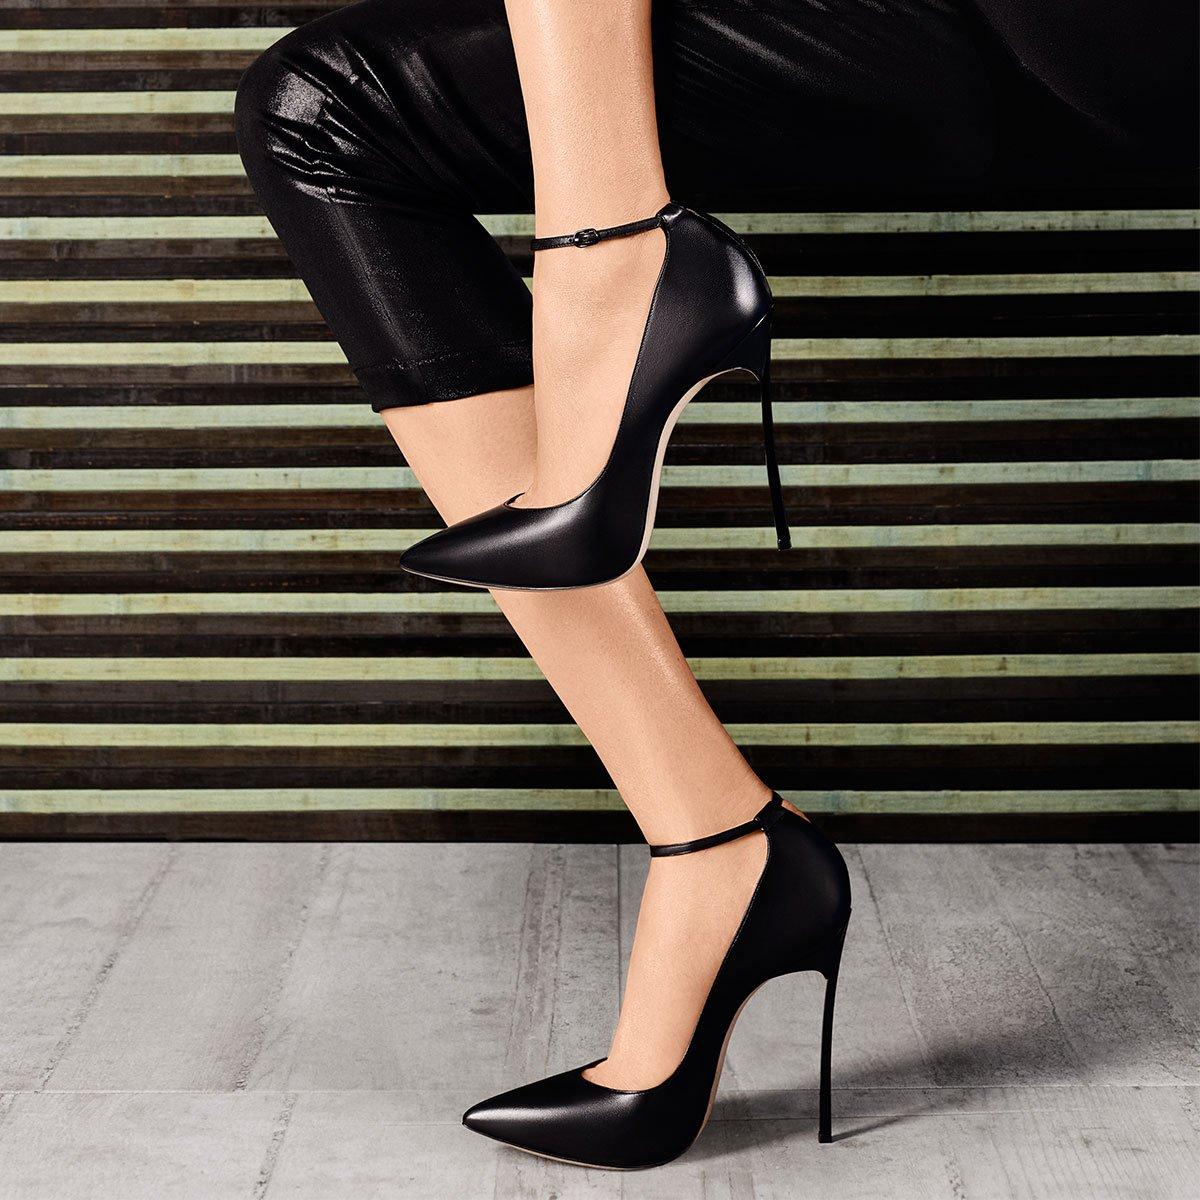 c71181ac4b7 Sanctum Shoes ( SanctumShoes)